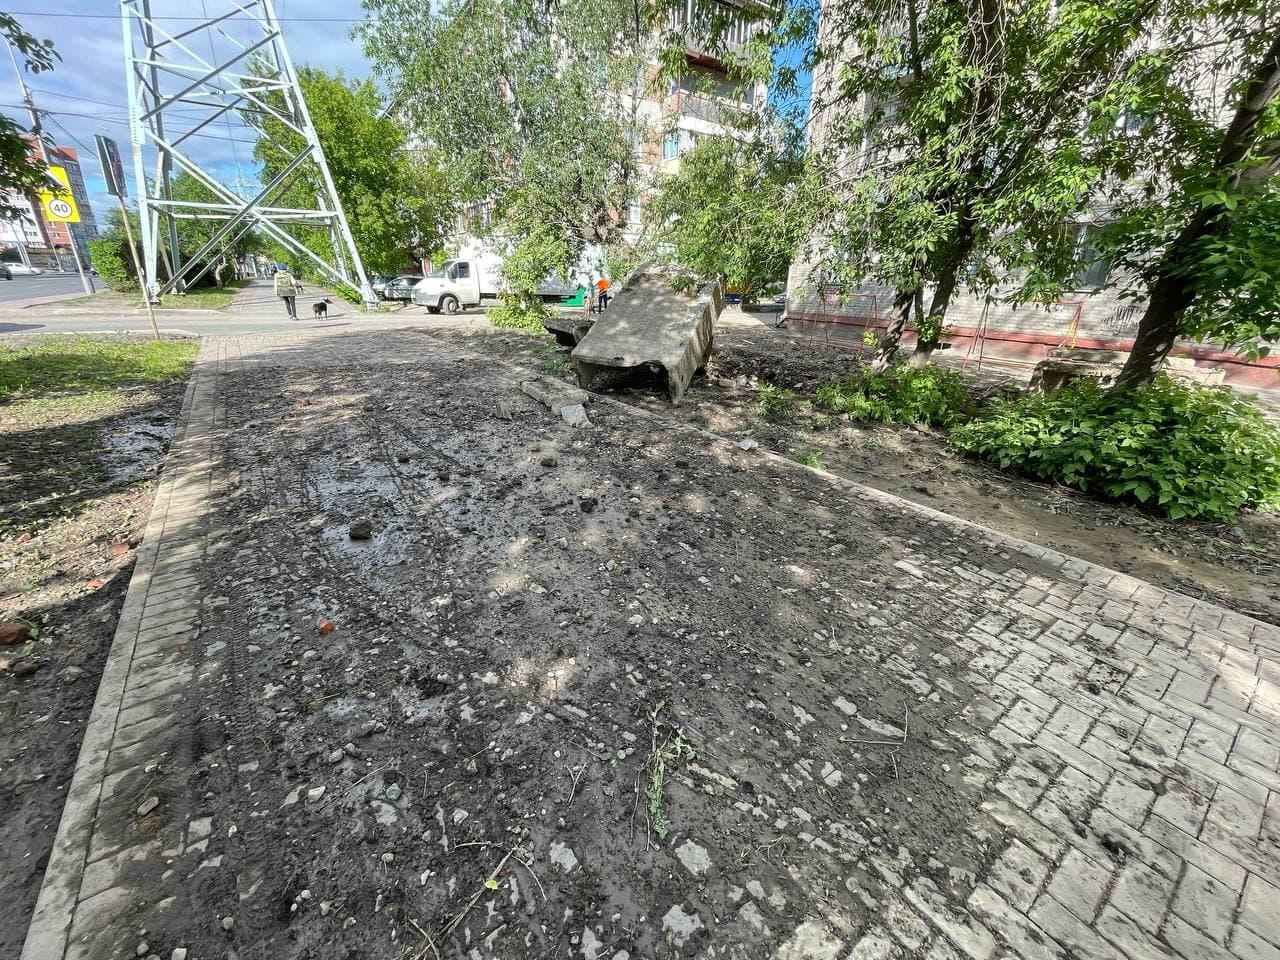 фото В Томске «взорвавшийся» асфальт разбил окна на четвёртом этаже 2